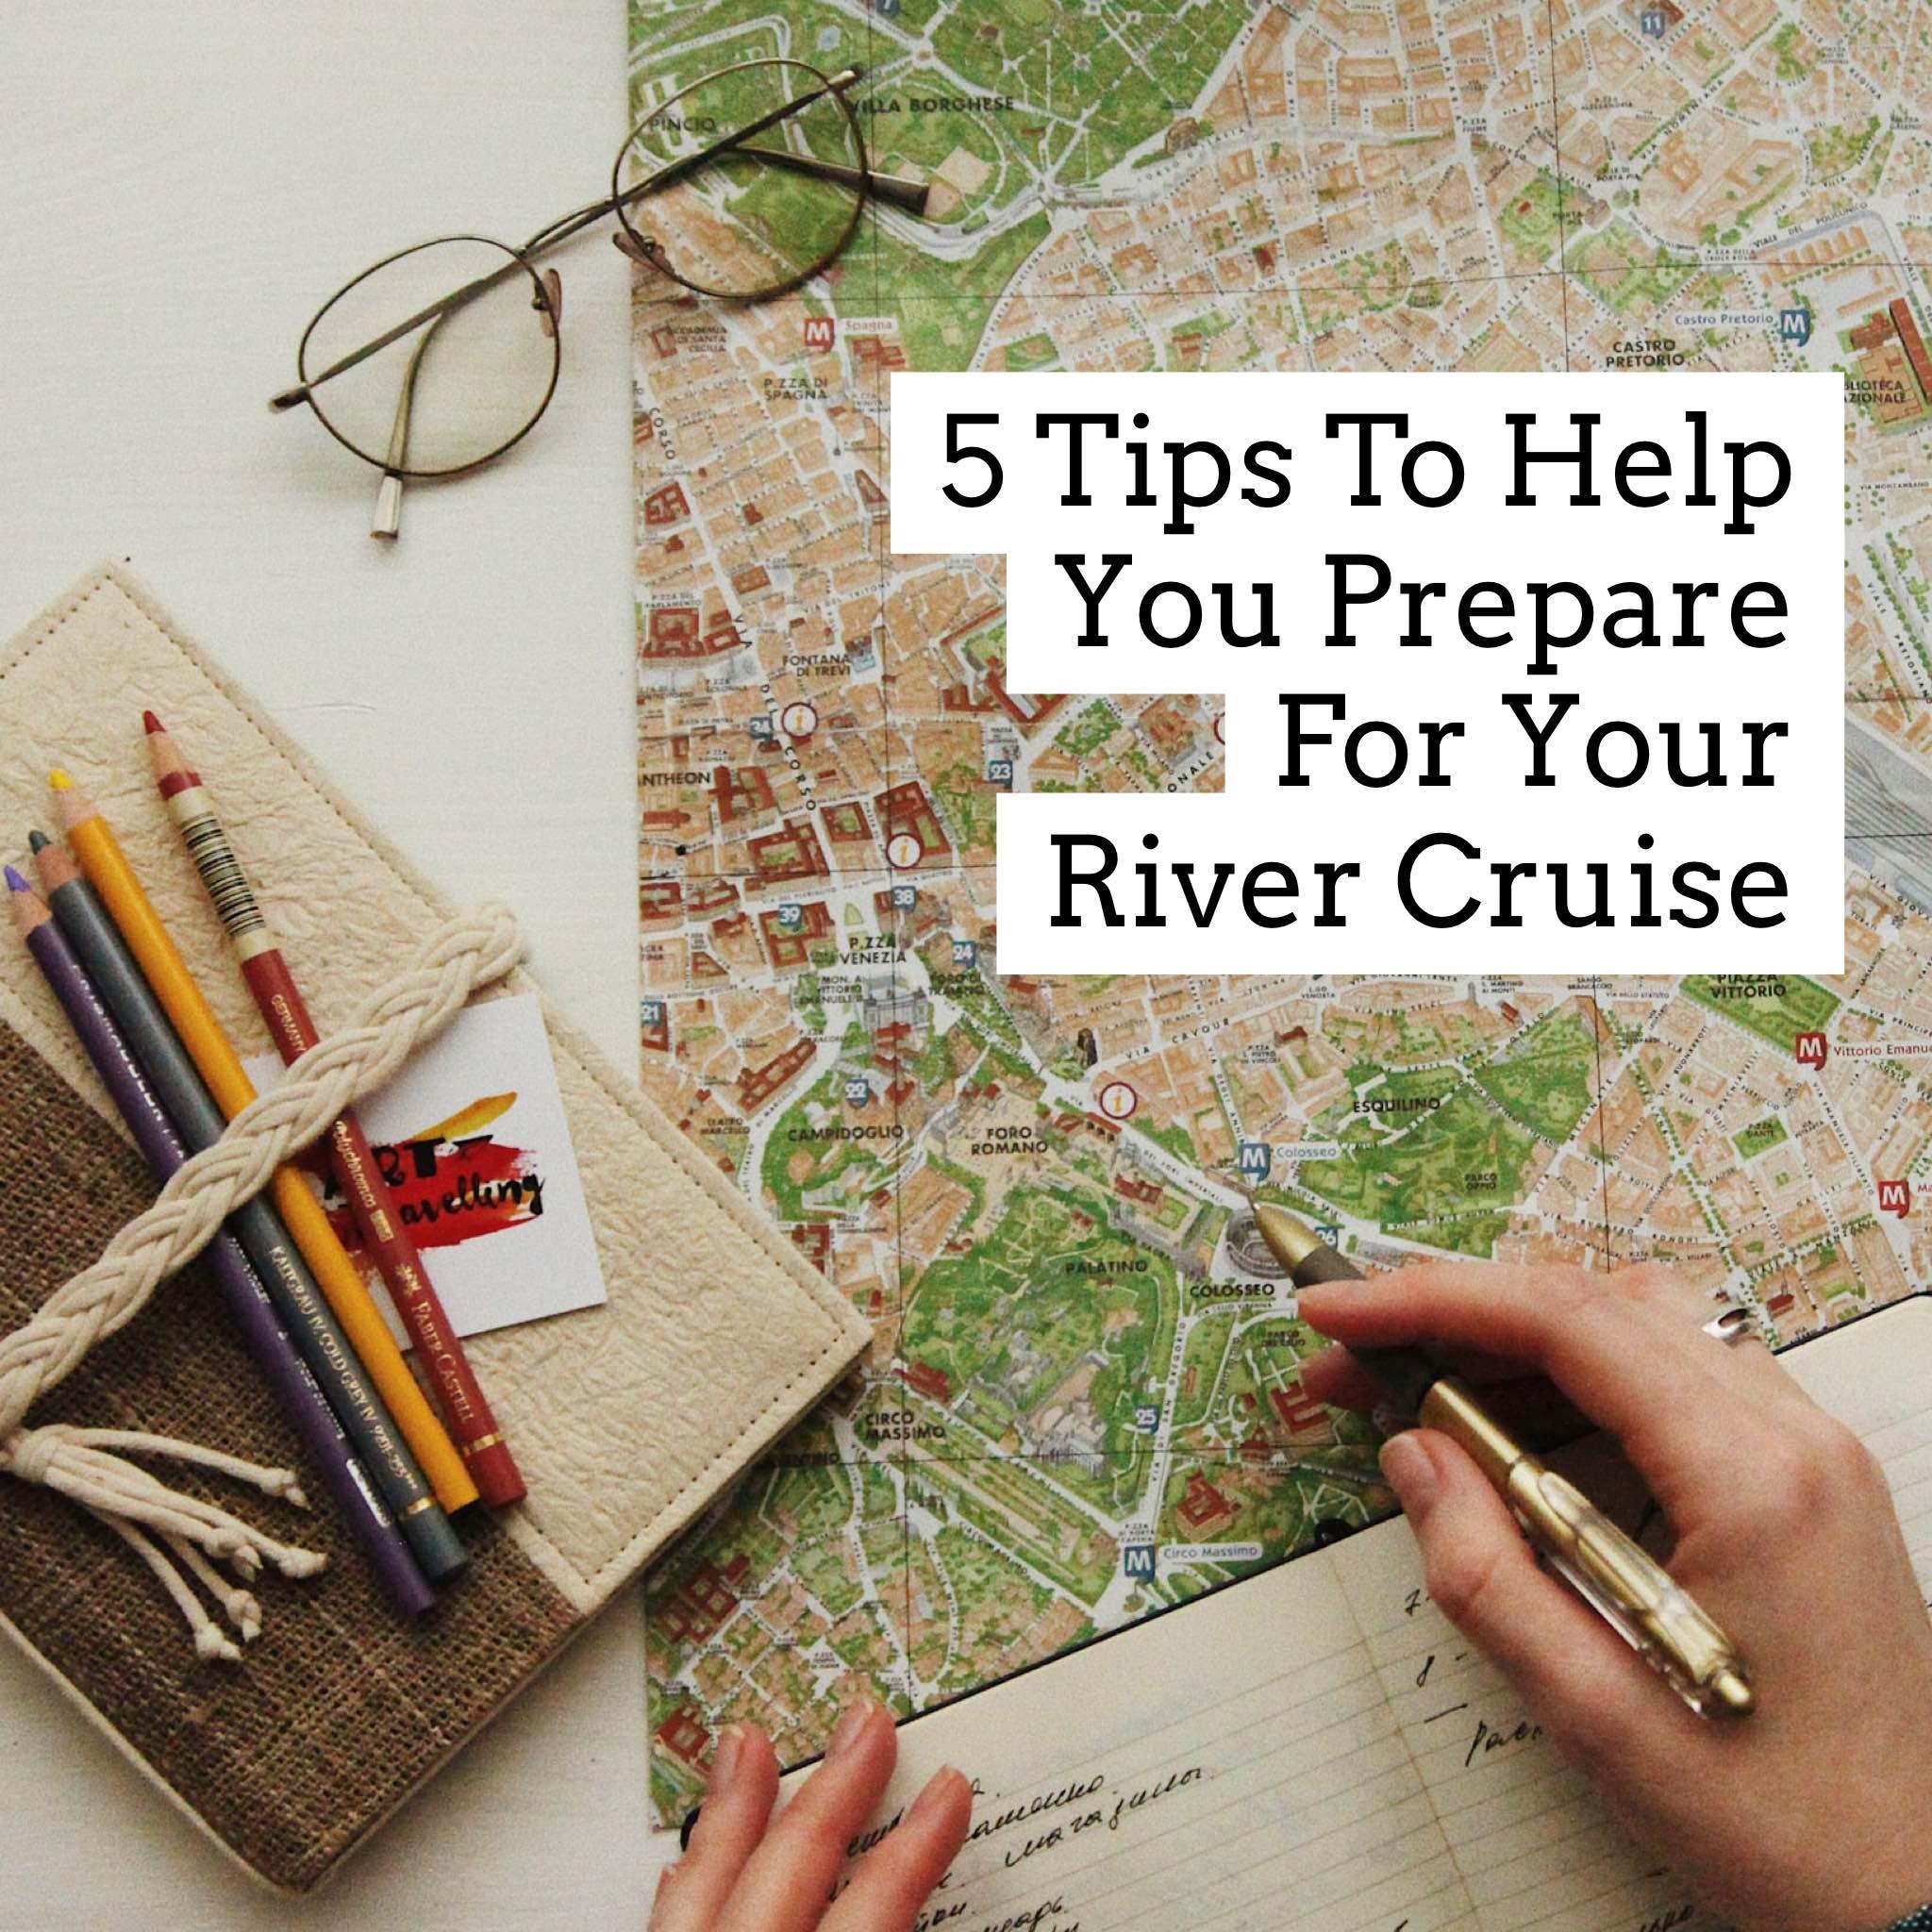 How Do I Prepare For A River Cruise? - River Cruise Advisor